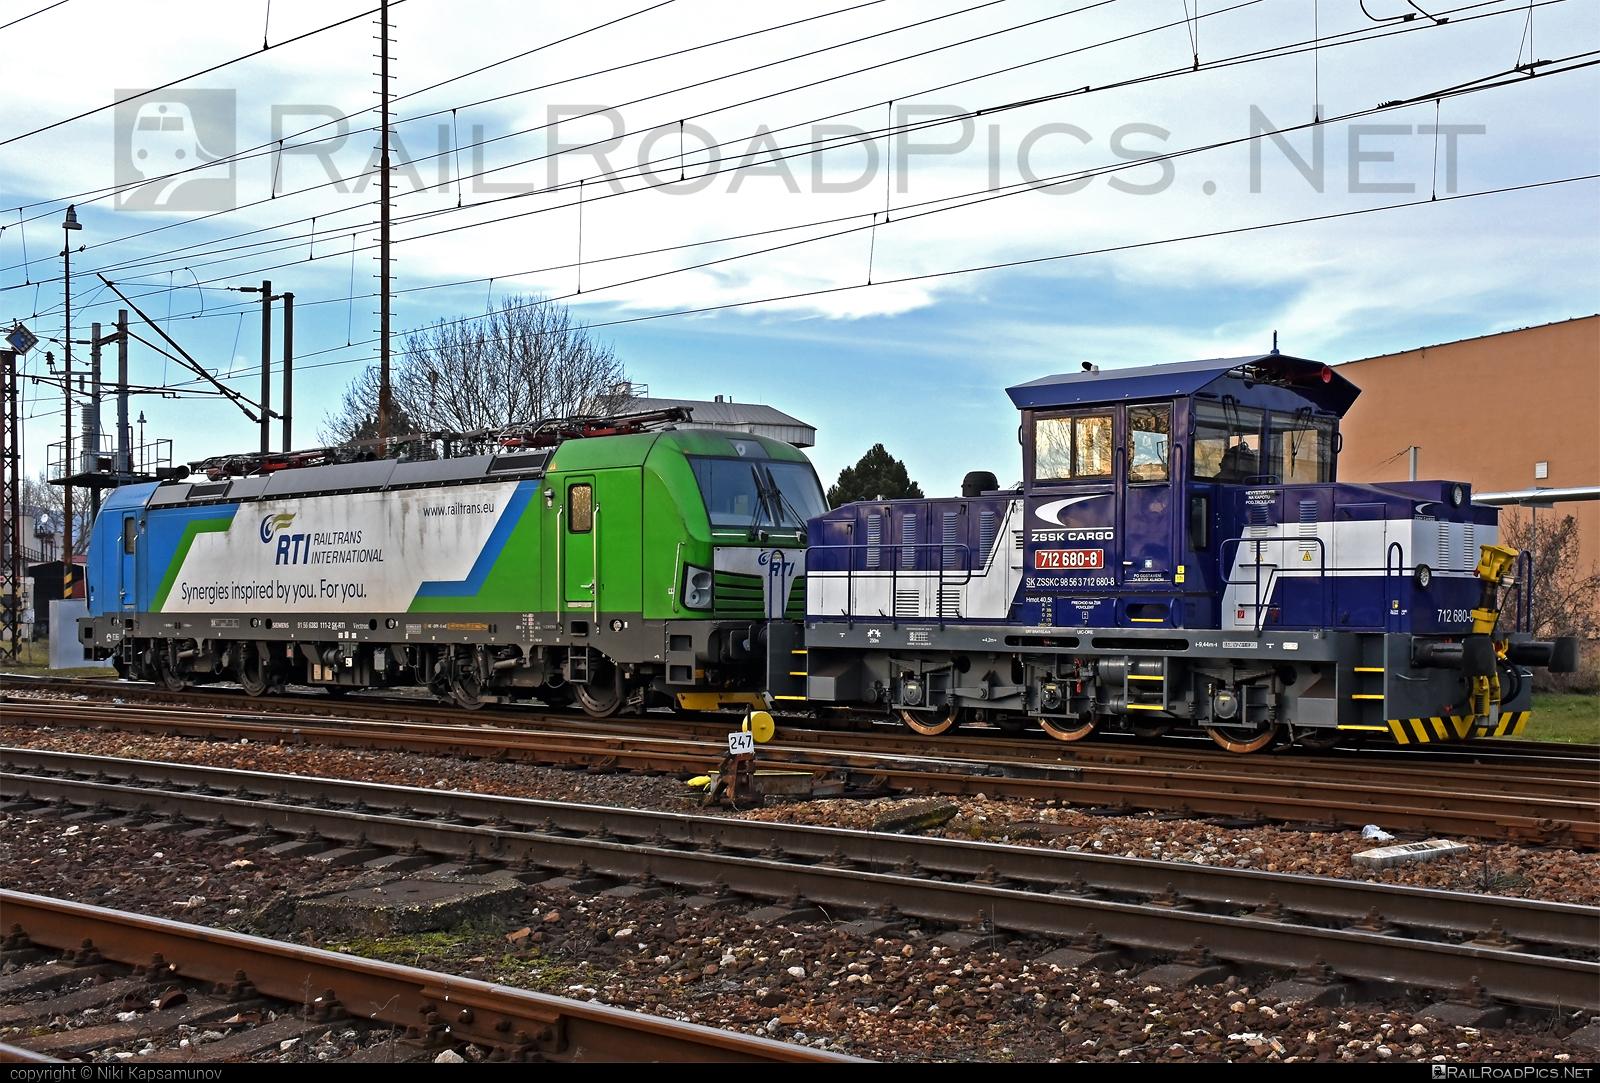 ŽOS Zvolen 712 - 712 680-8 operated by Železničná Spoločnost' Cargo Slovakia a.s. #ZeleznicnaSpolocnostCargoSlovakia #locomotive712 #rti #zoszvolen #zoszvolen712 #zsskcargo